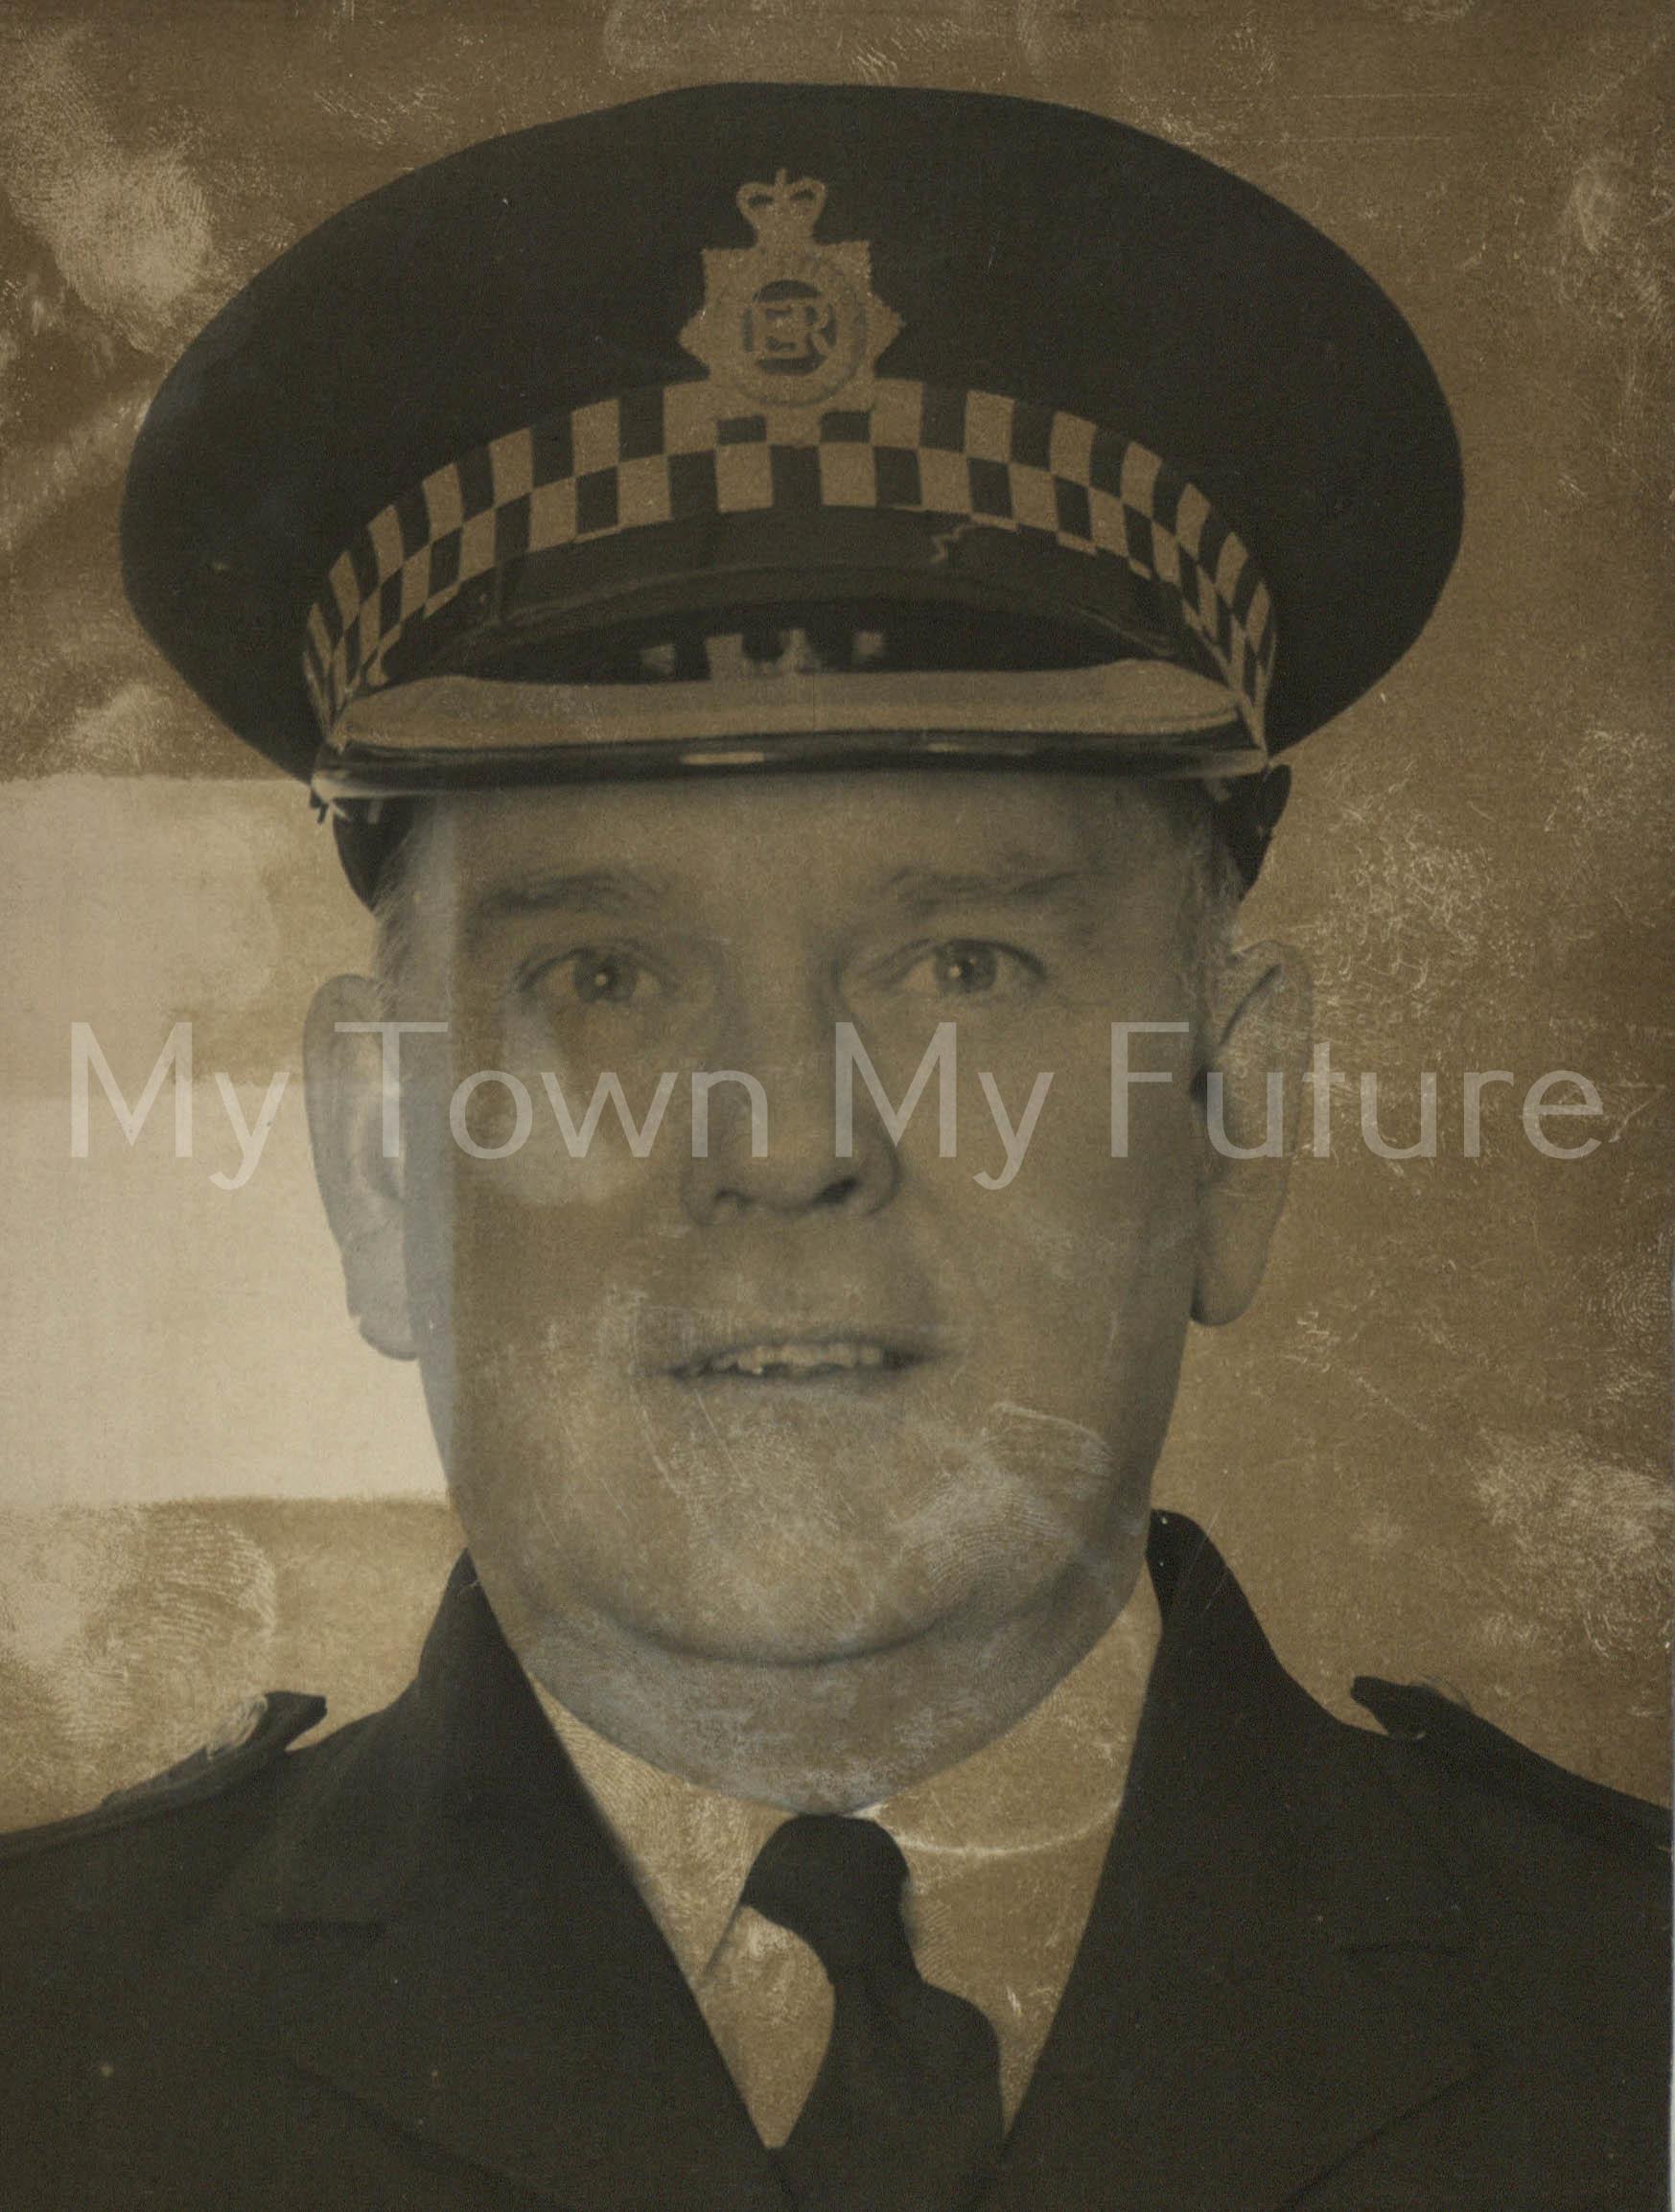 Chief Constable John Storey